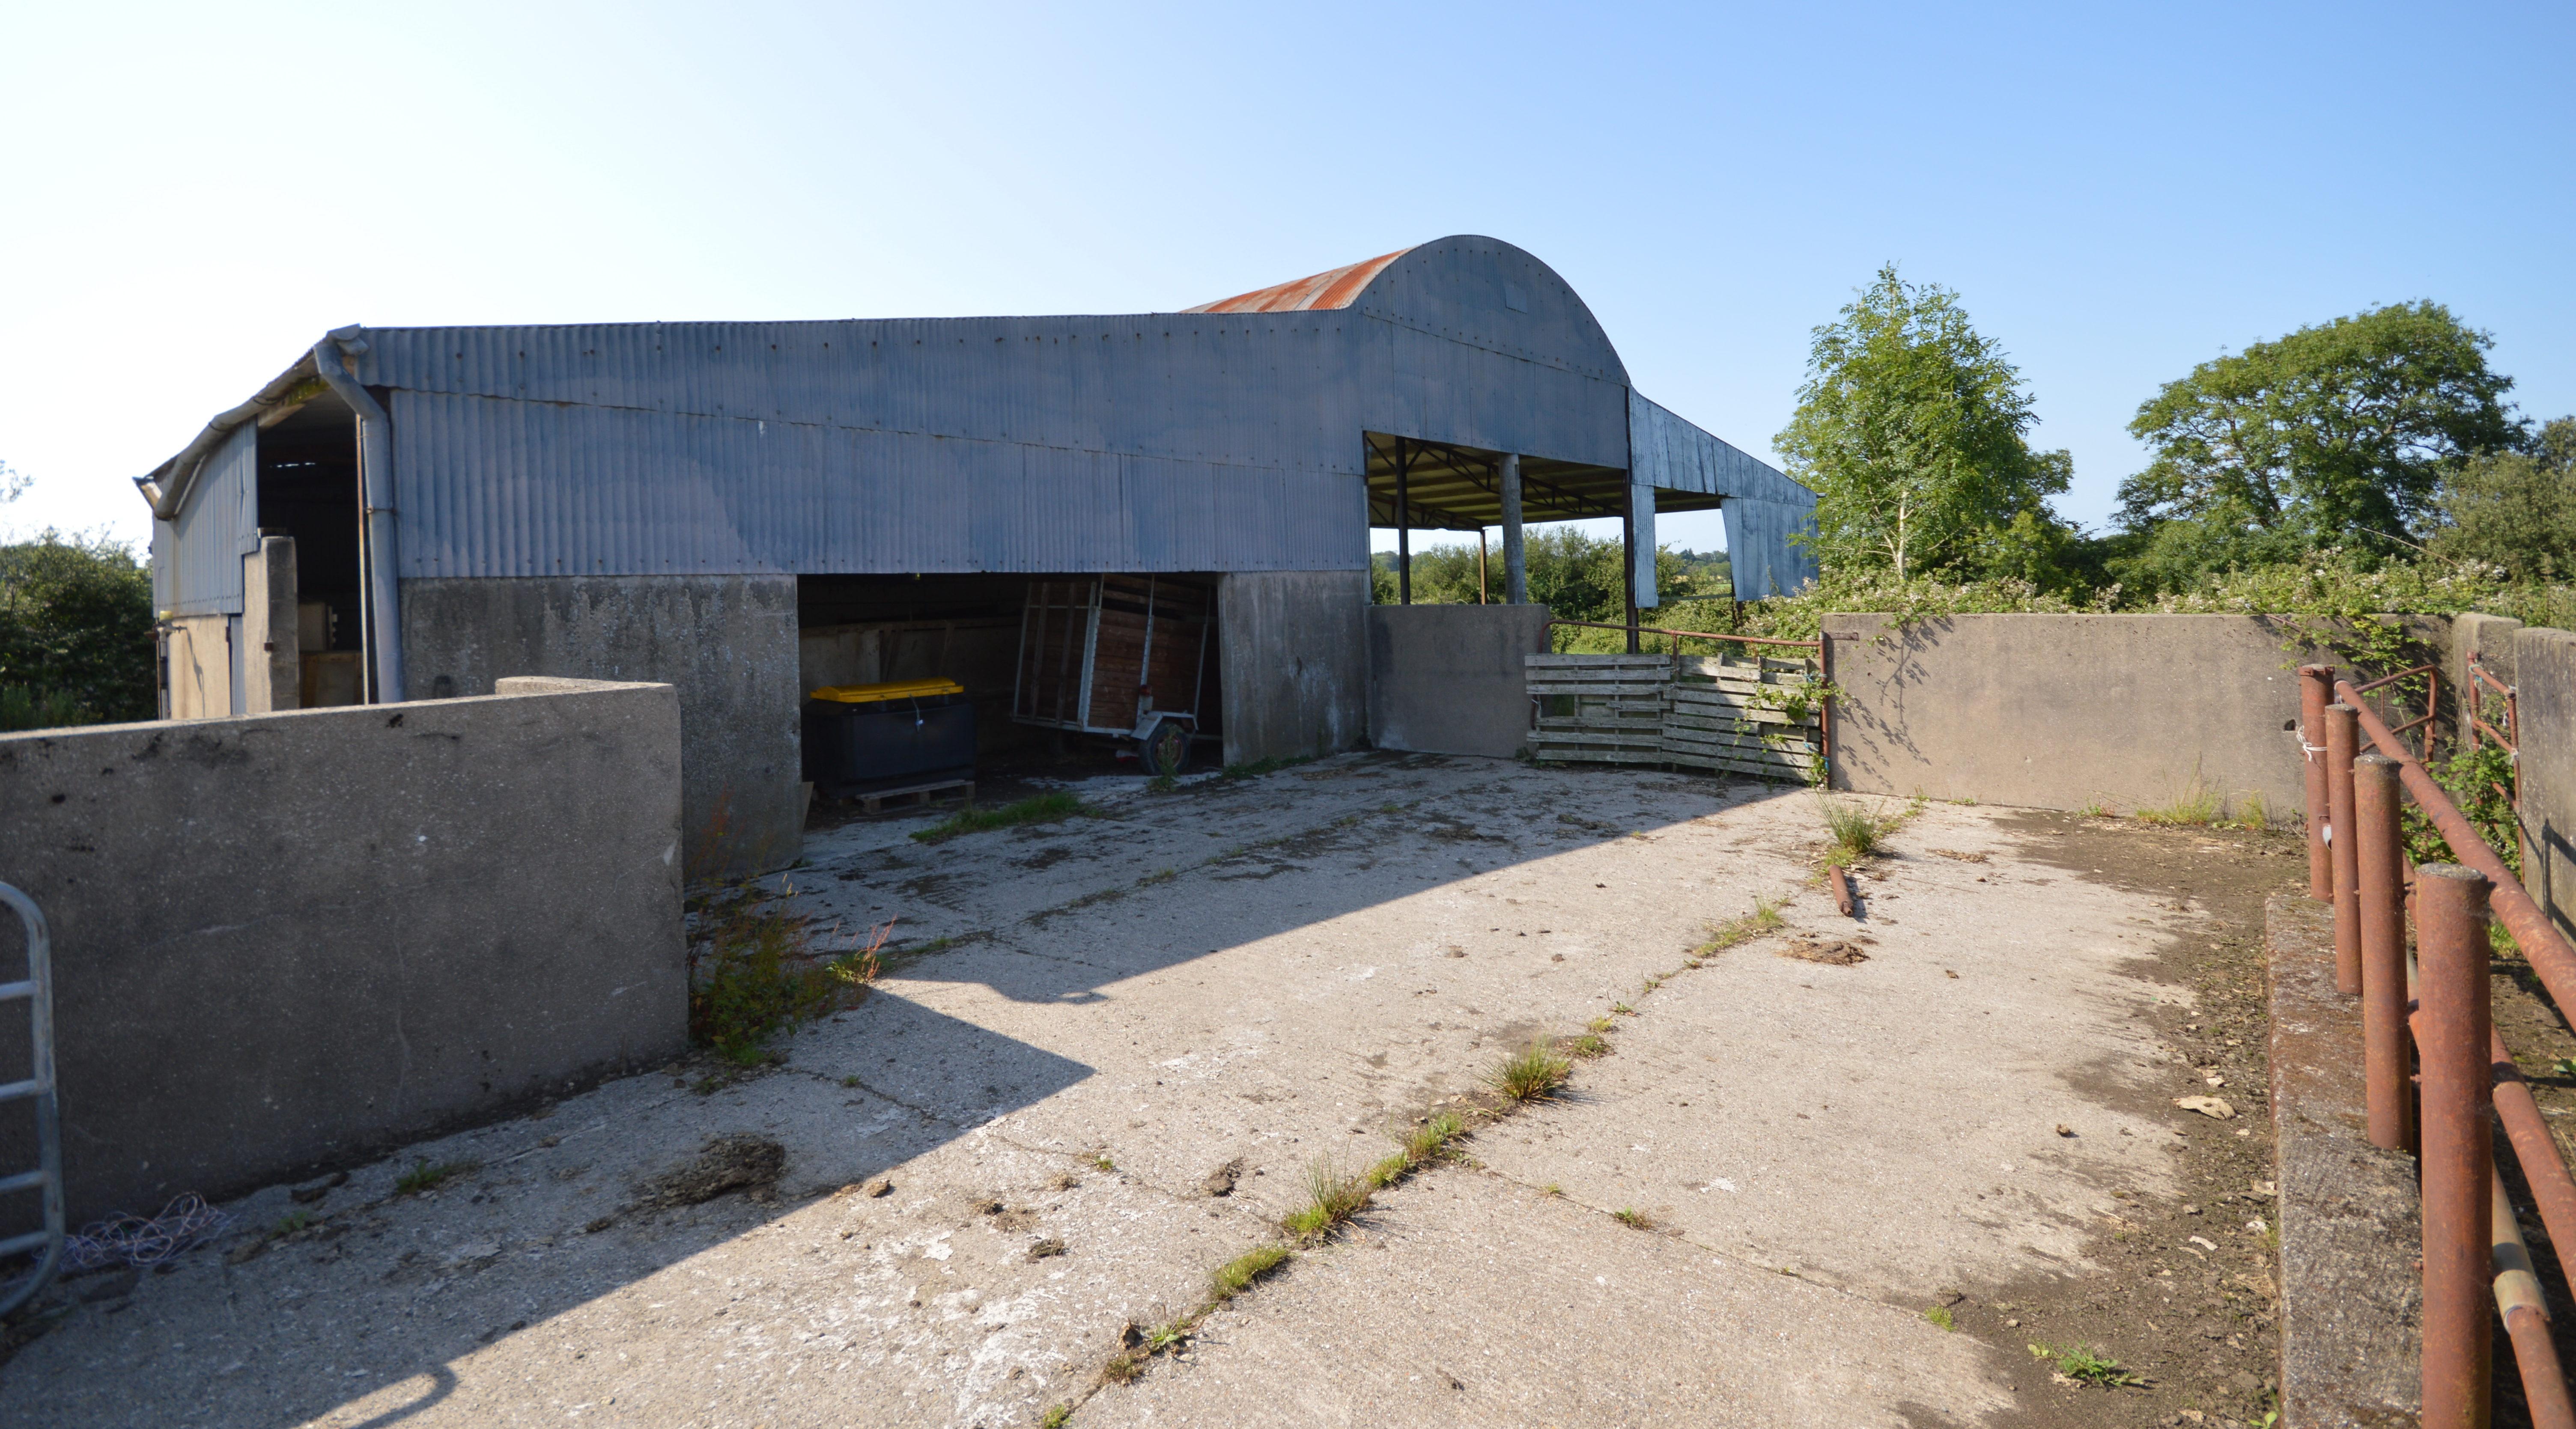 19ac Kilmuckridge residential farm with outbuildings for